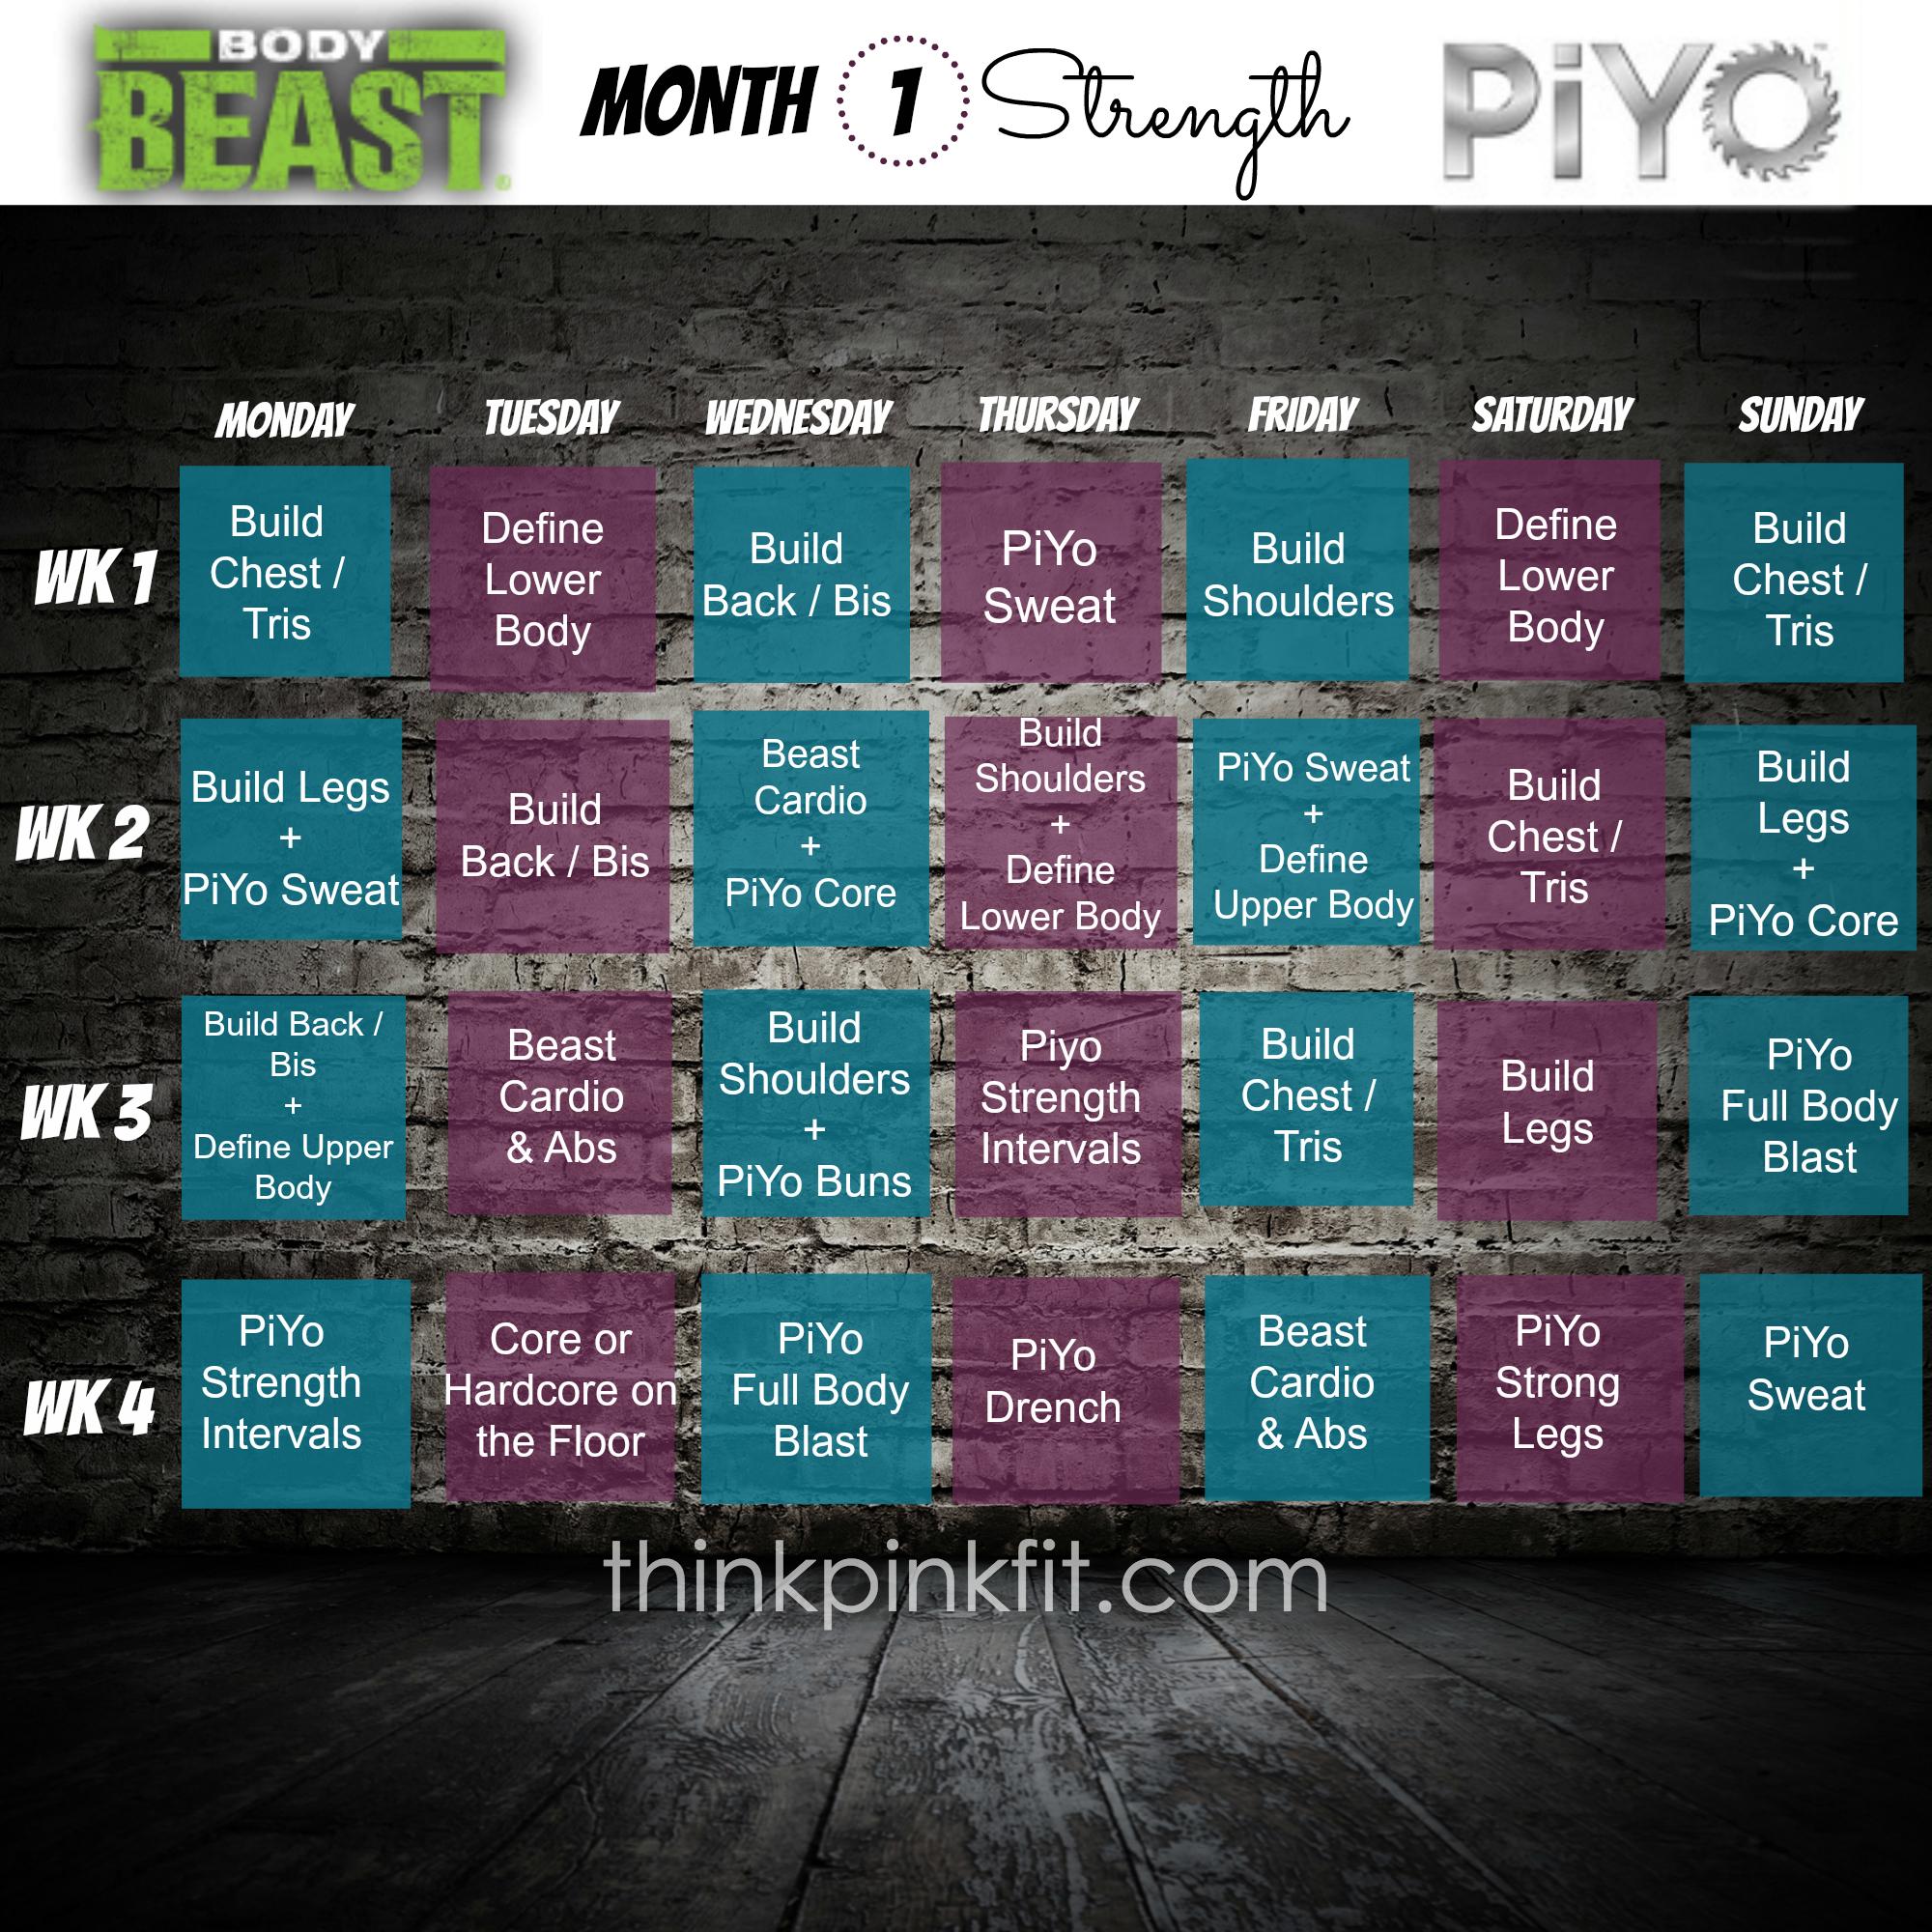 Beastpiyohybridmonth1 (2000×2000) | Body Beast for Piyo Calendar Printable